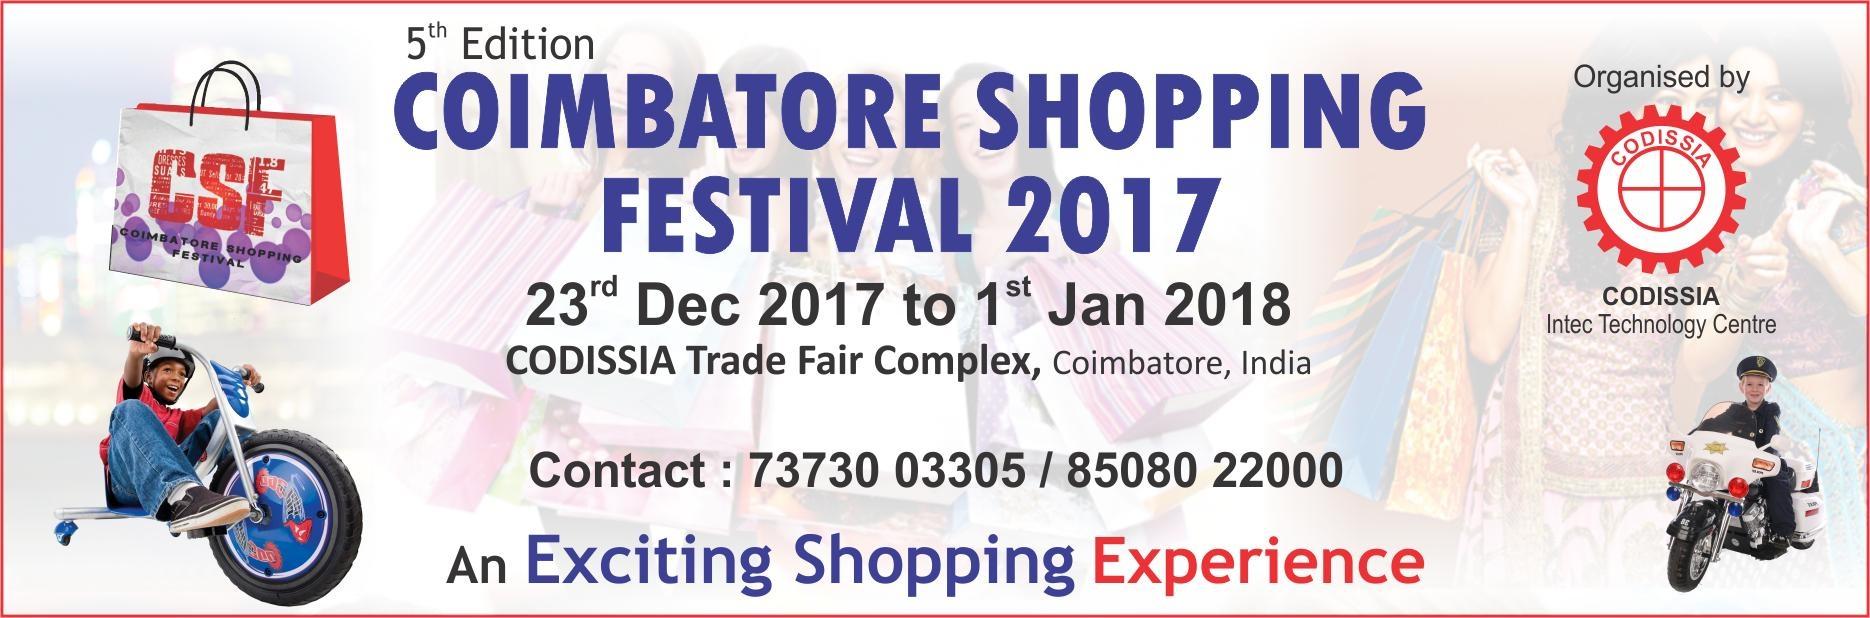 coimbatore shopping festival 2017